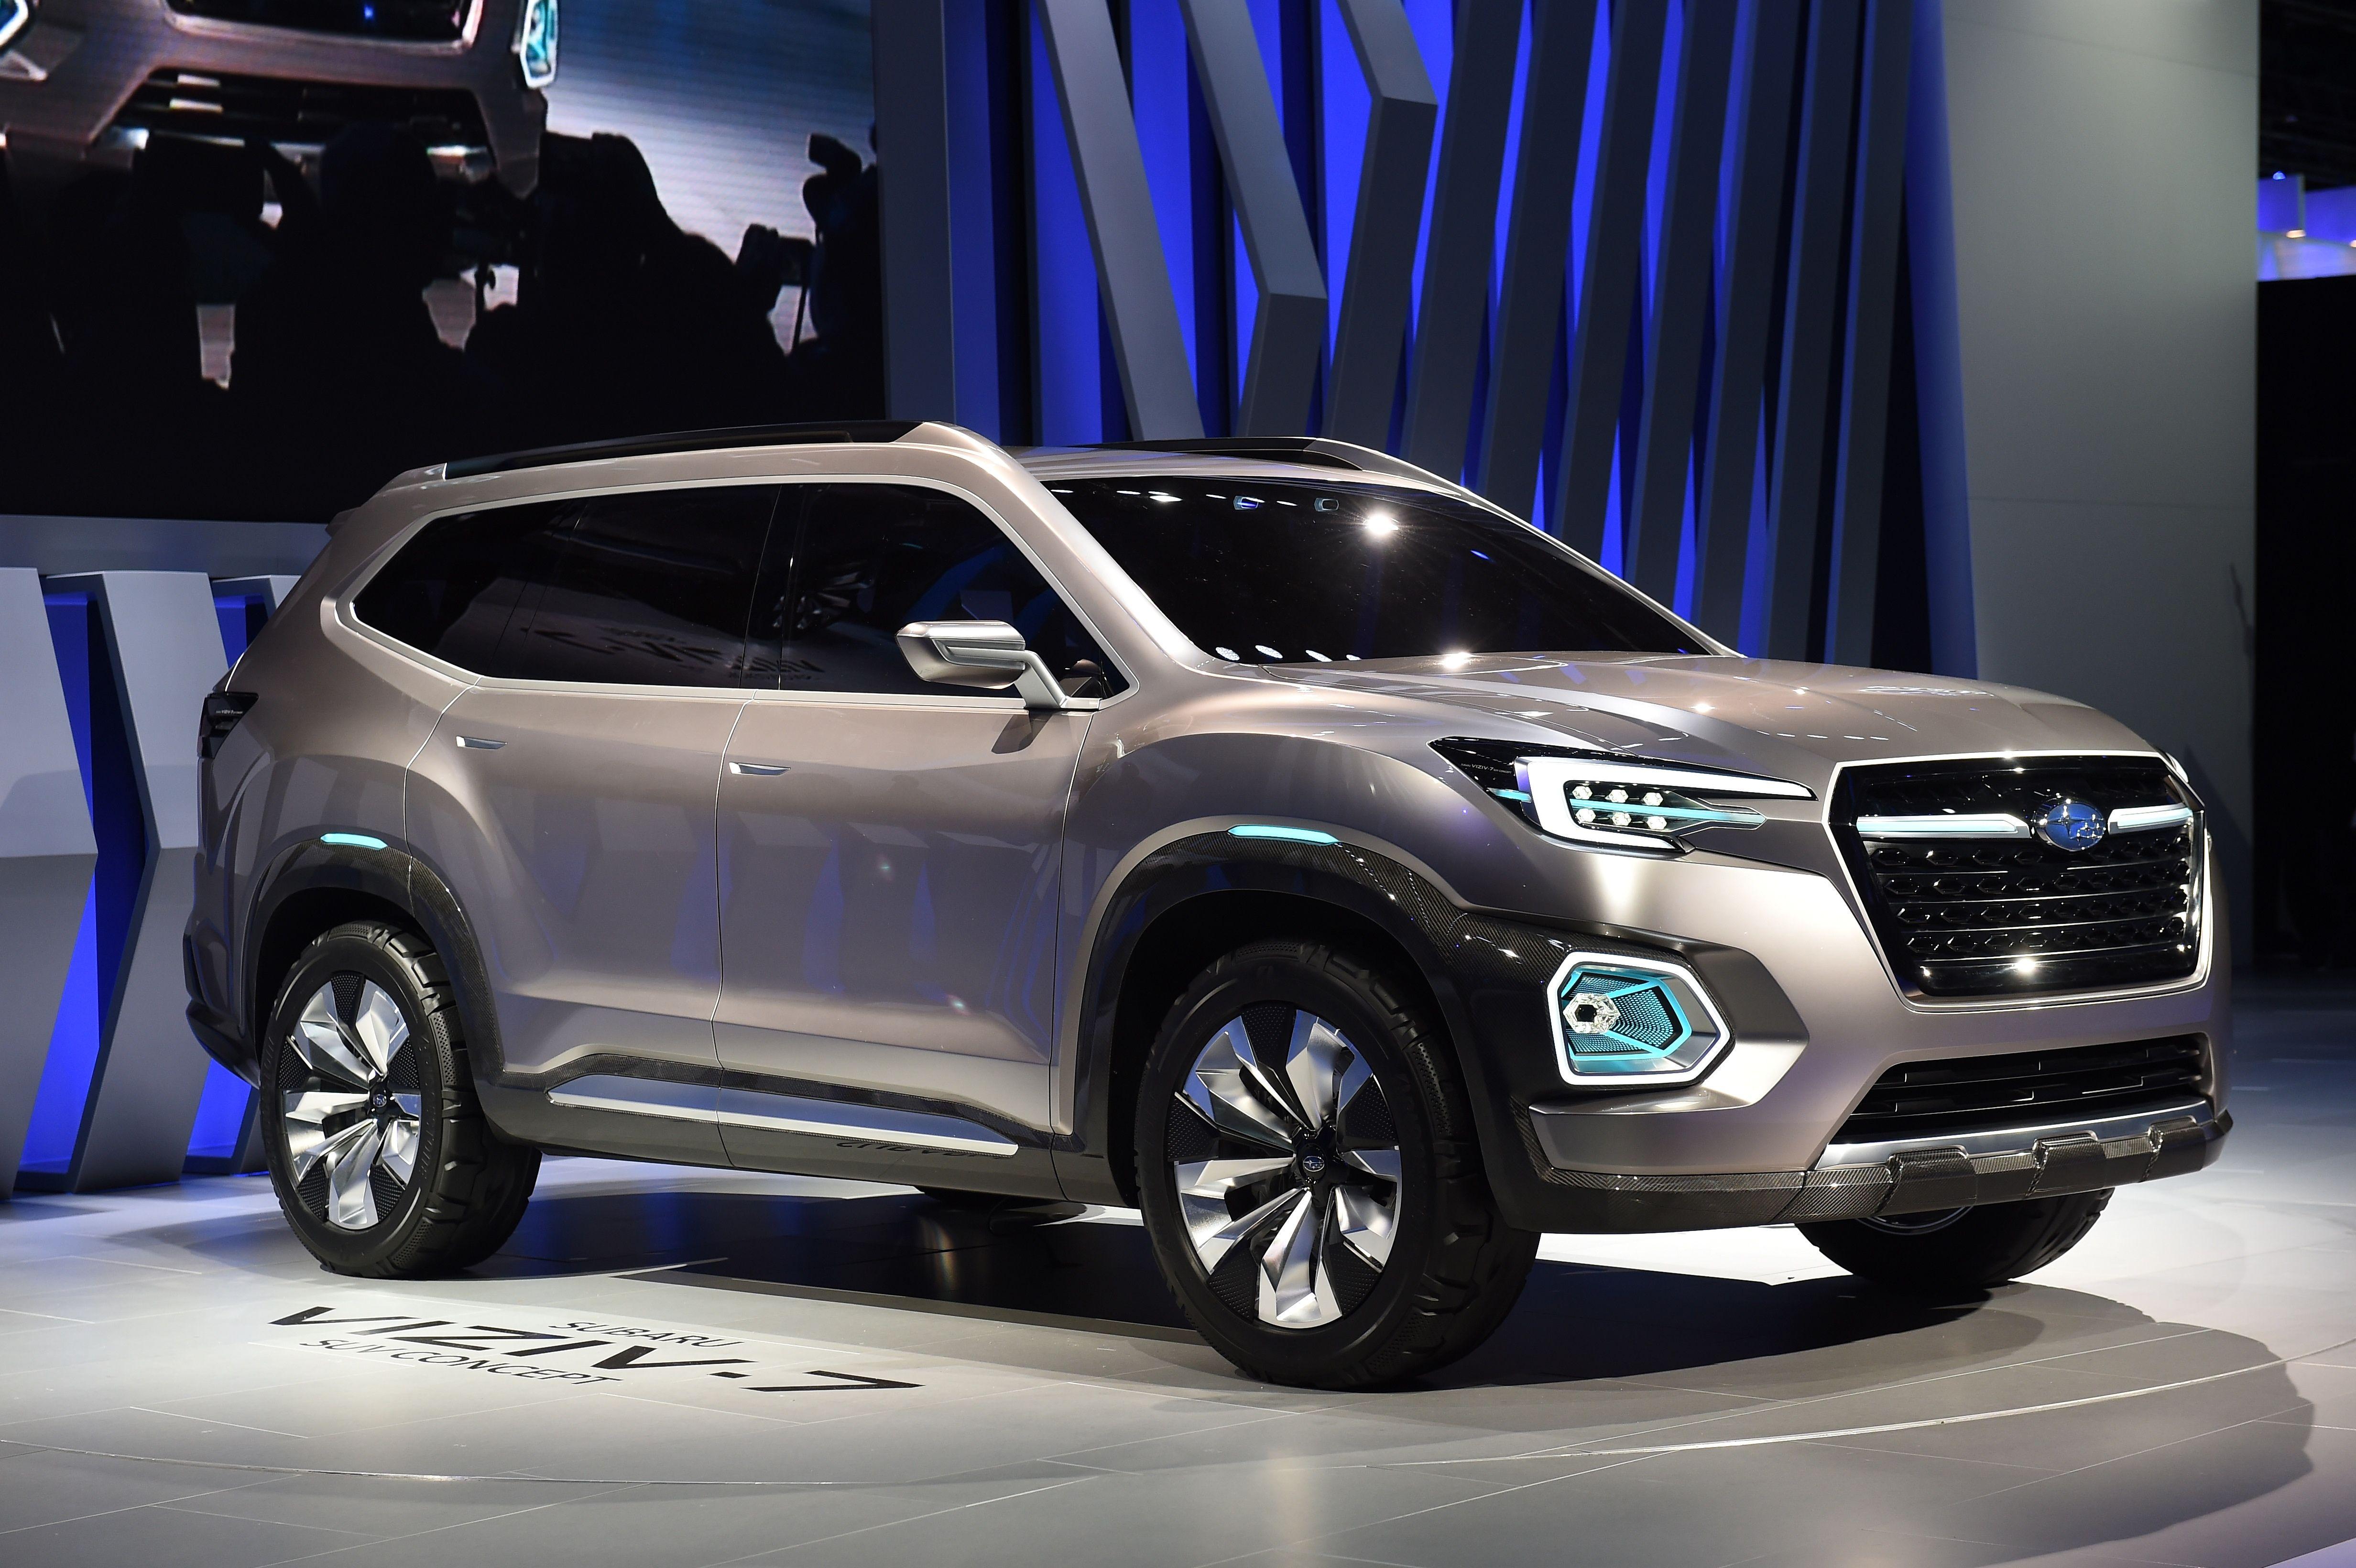 La Auto Show Subaru Unveils The Super Big Suv Viziv 7 Concept Fortune